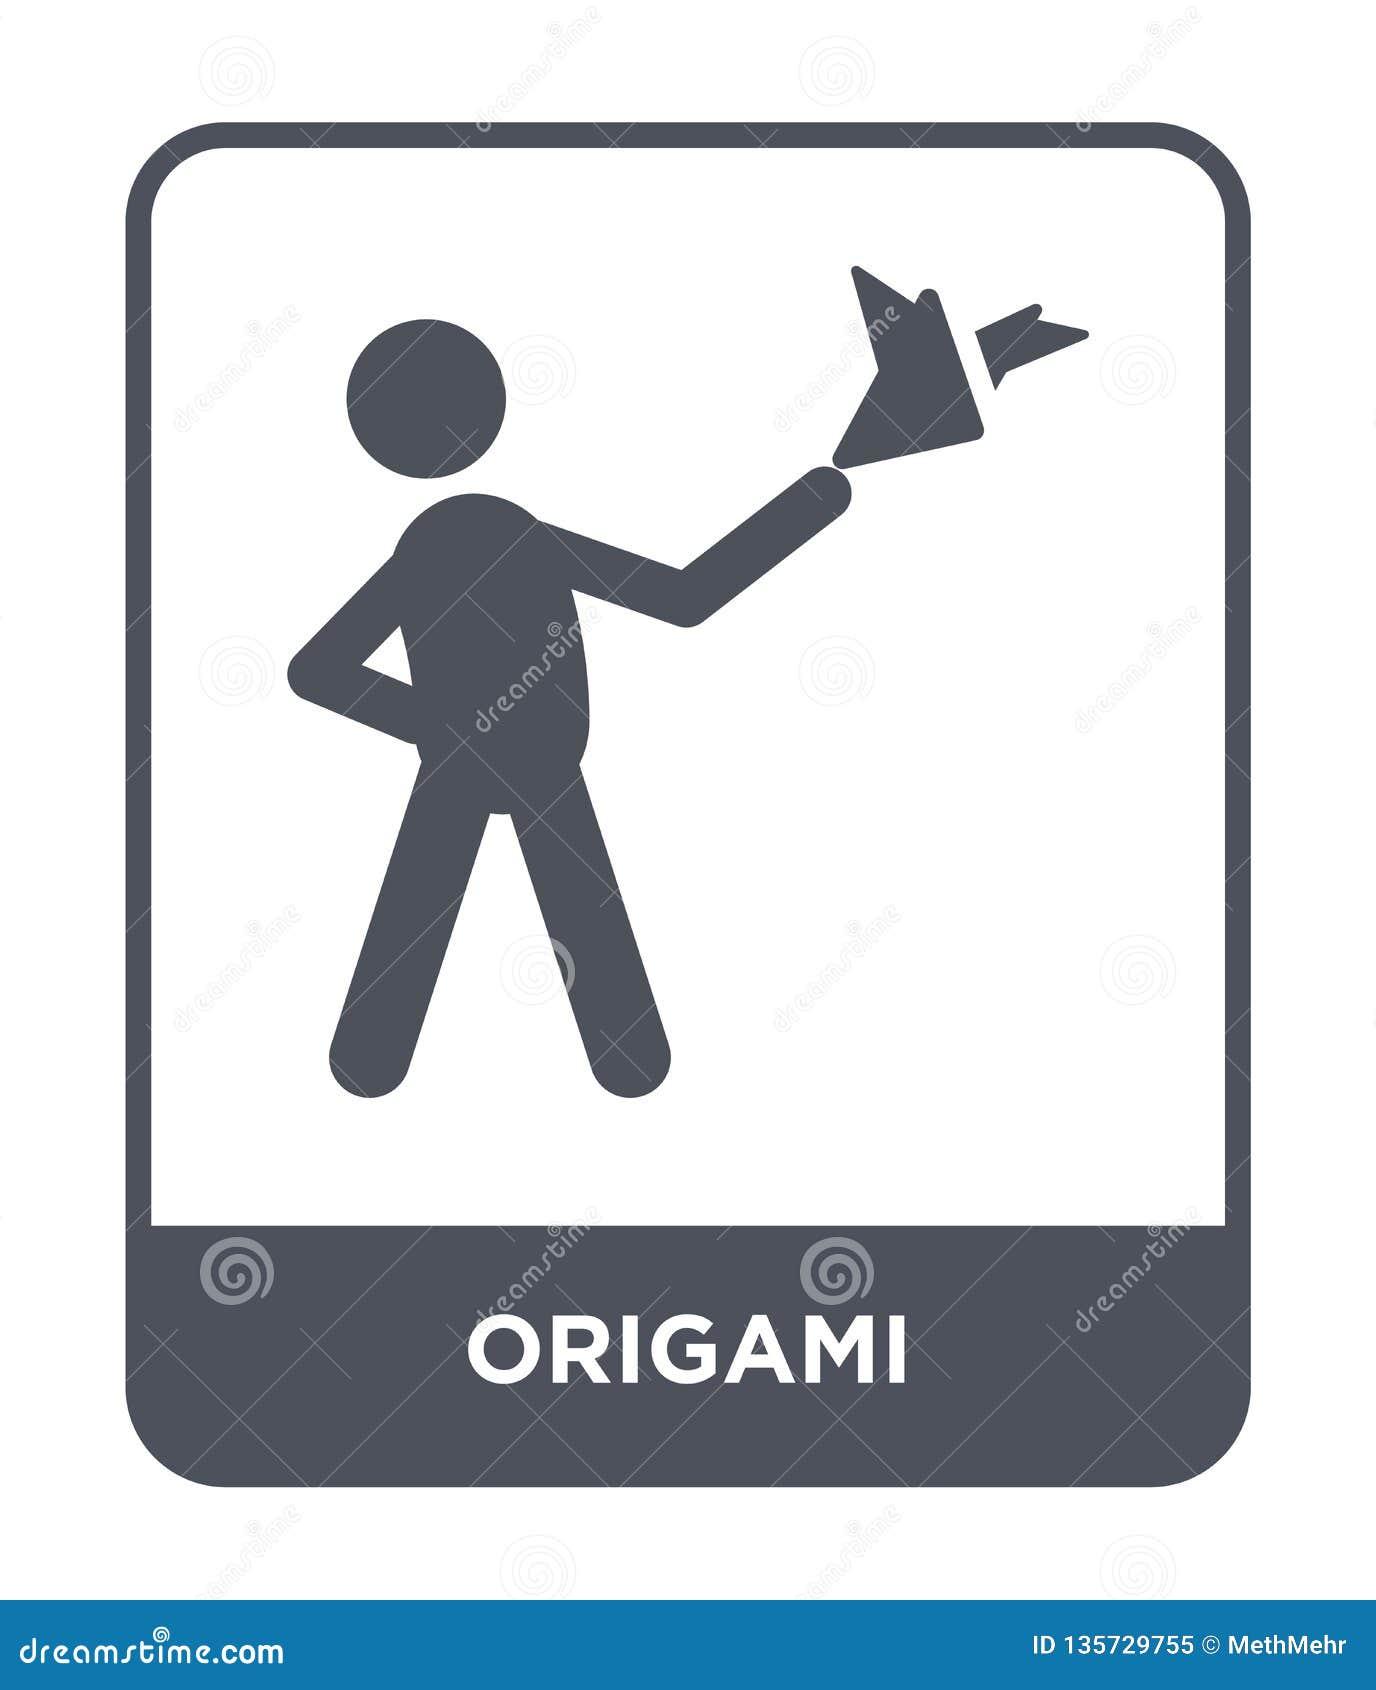 ícone do origâmi no estilo na moda do projeto ícone do origâmi isolado no fundo branco símbolo liso simples e moderno do ícone do